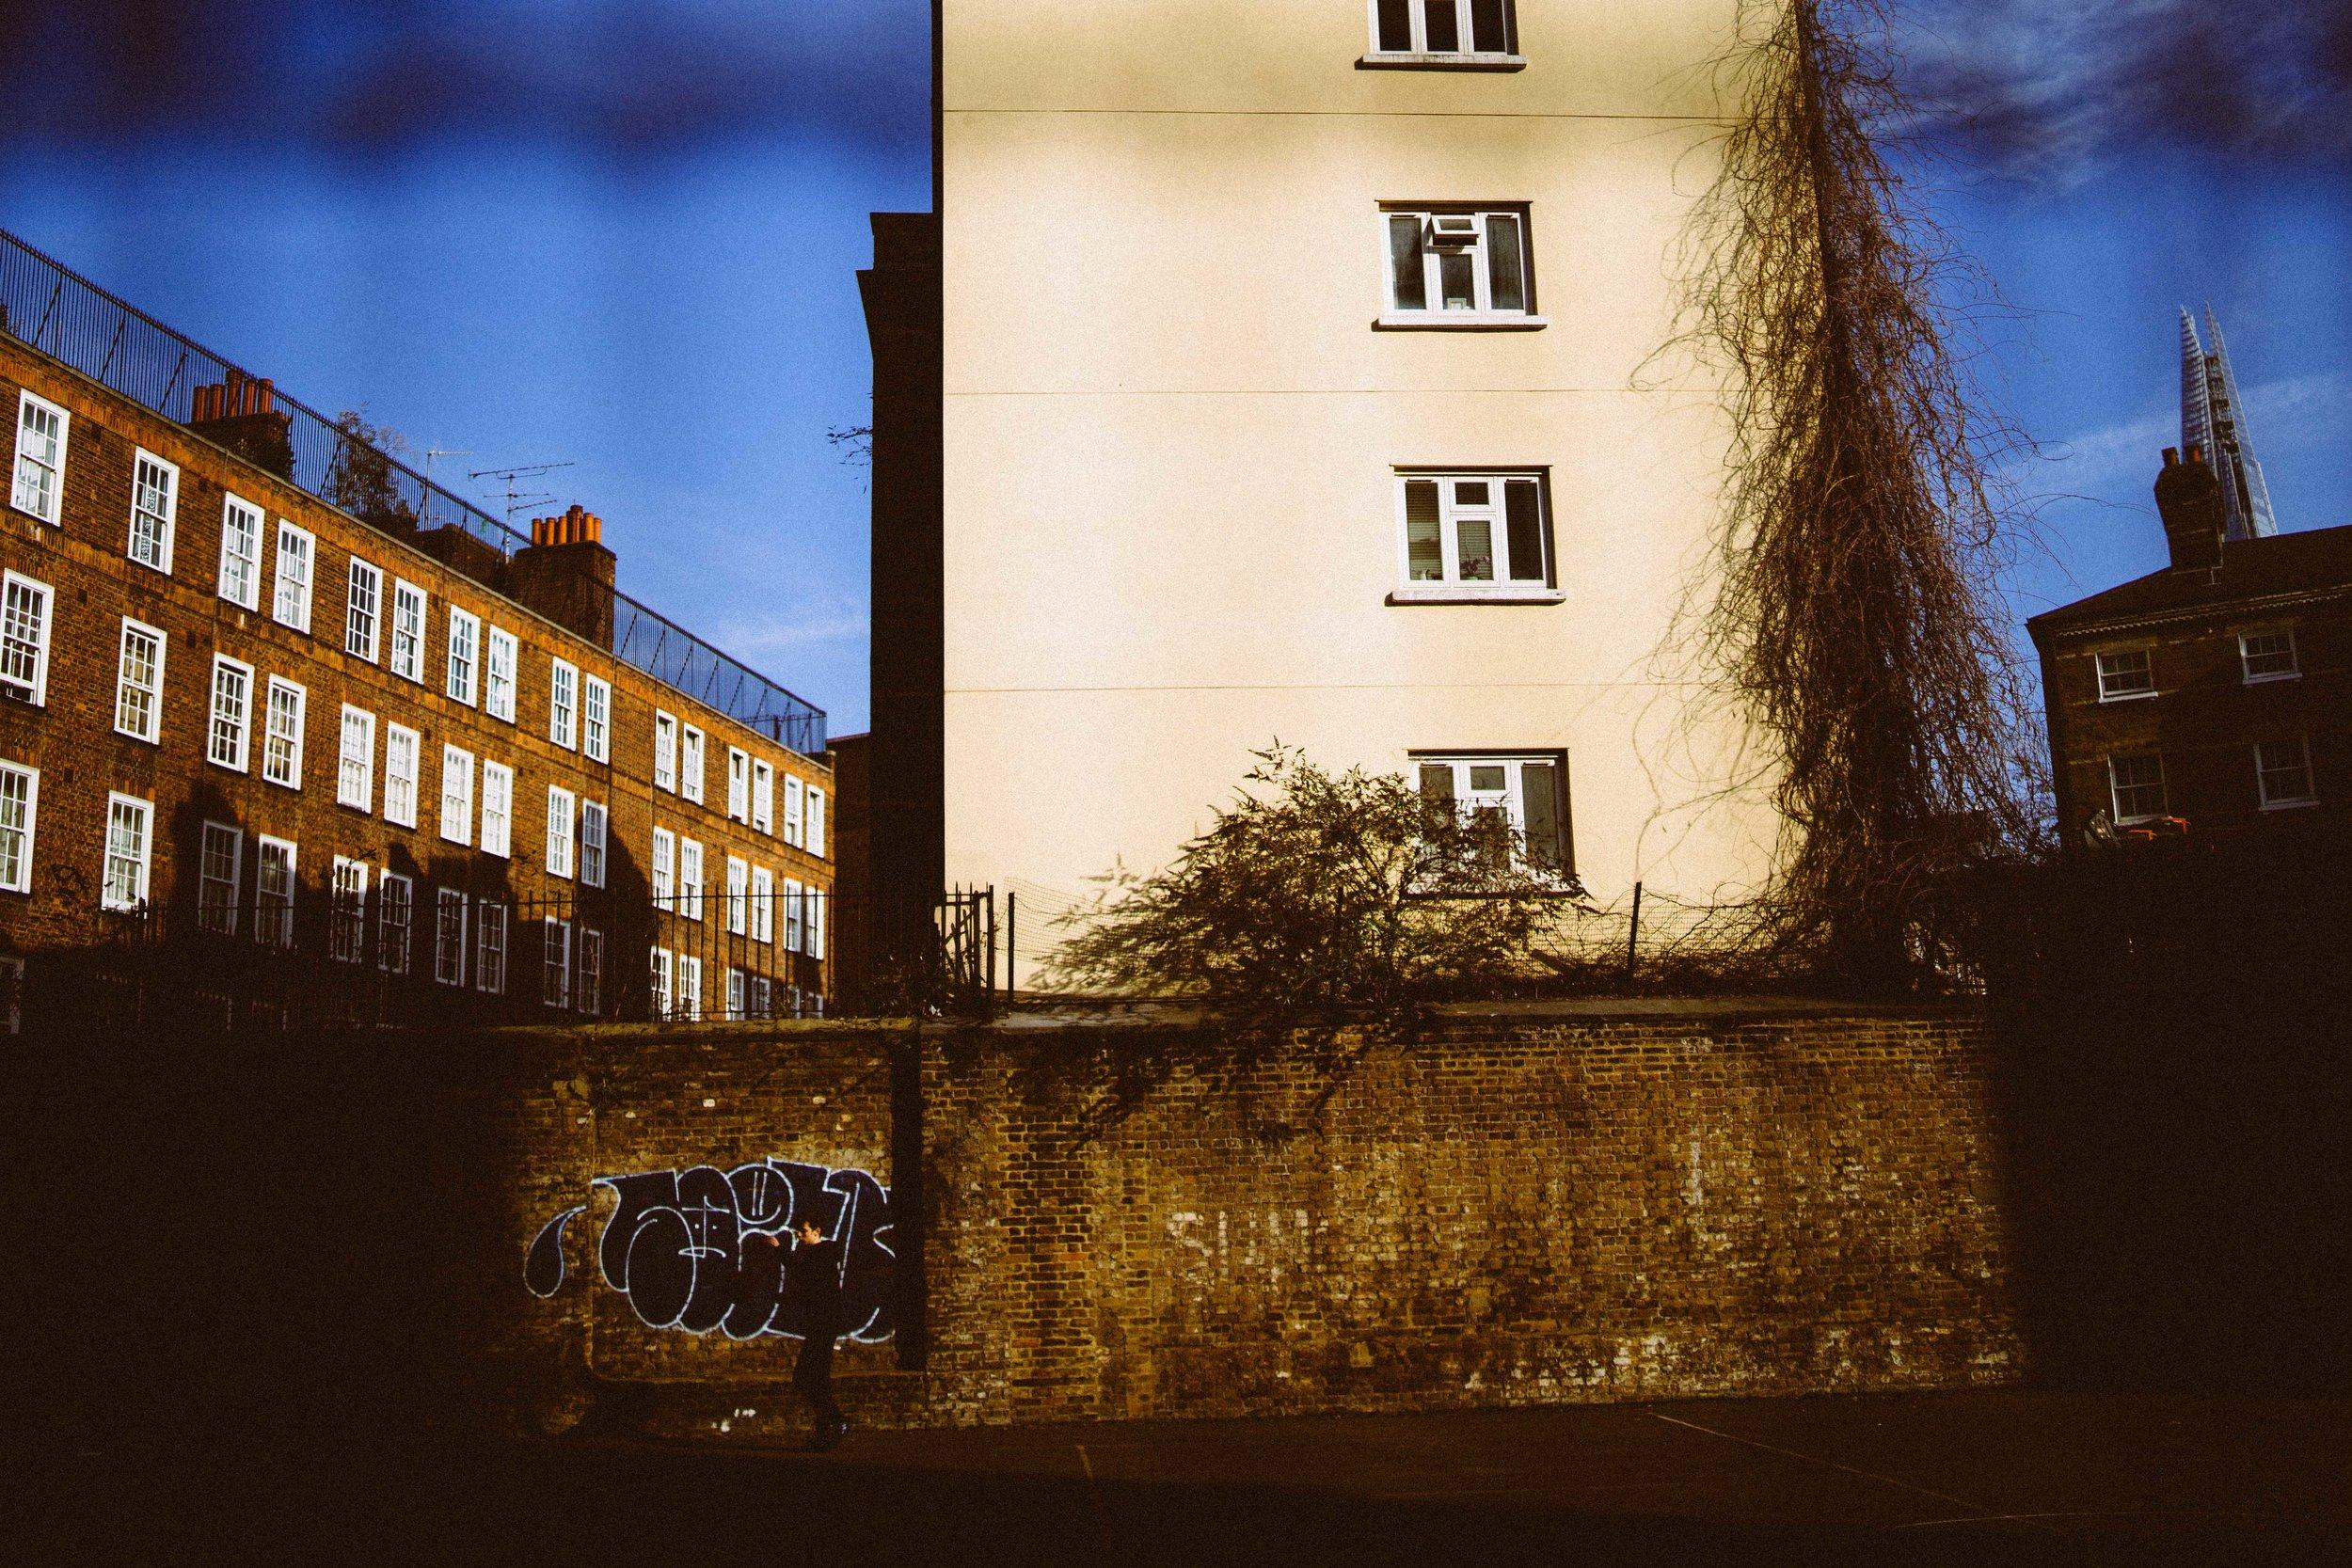 london-105792.jpg